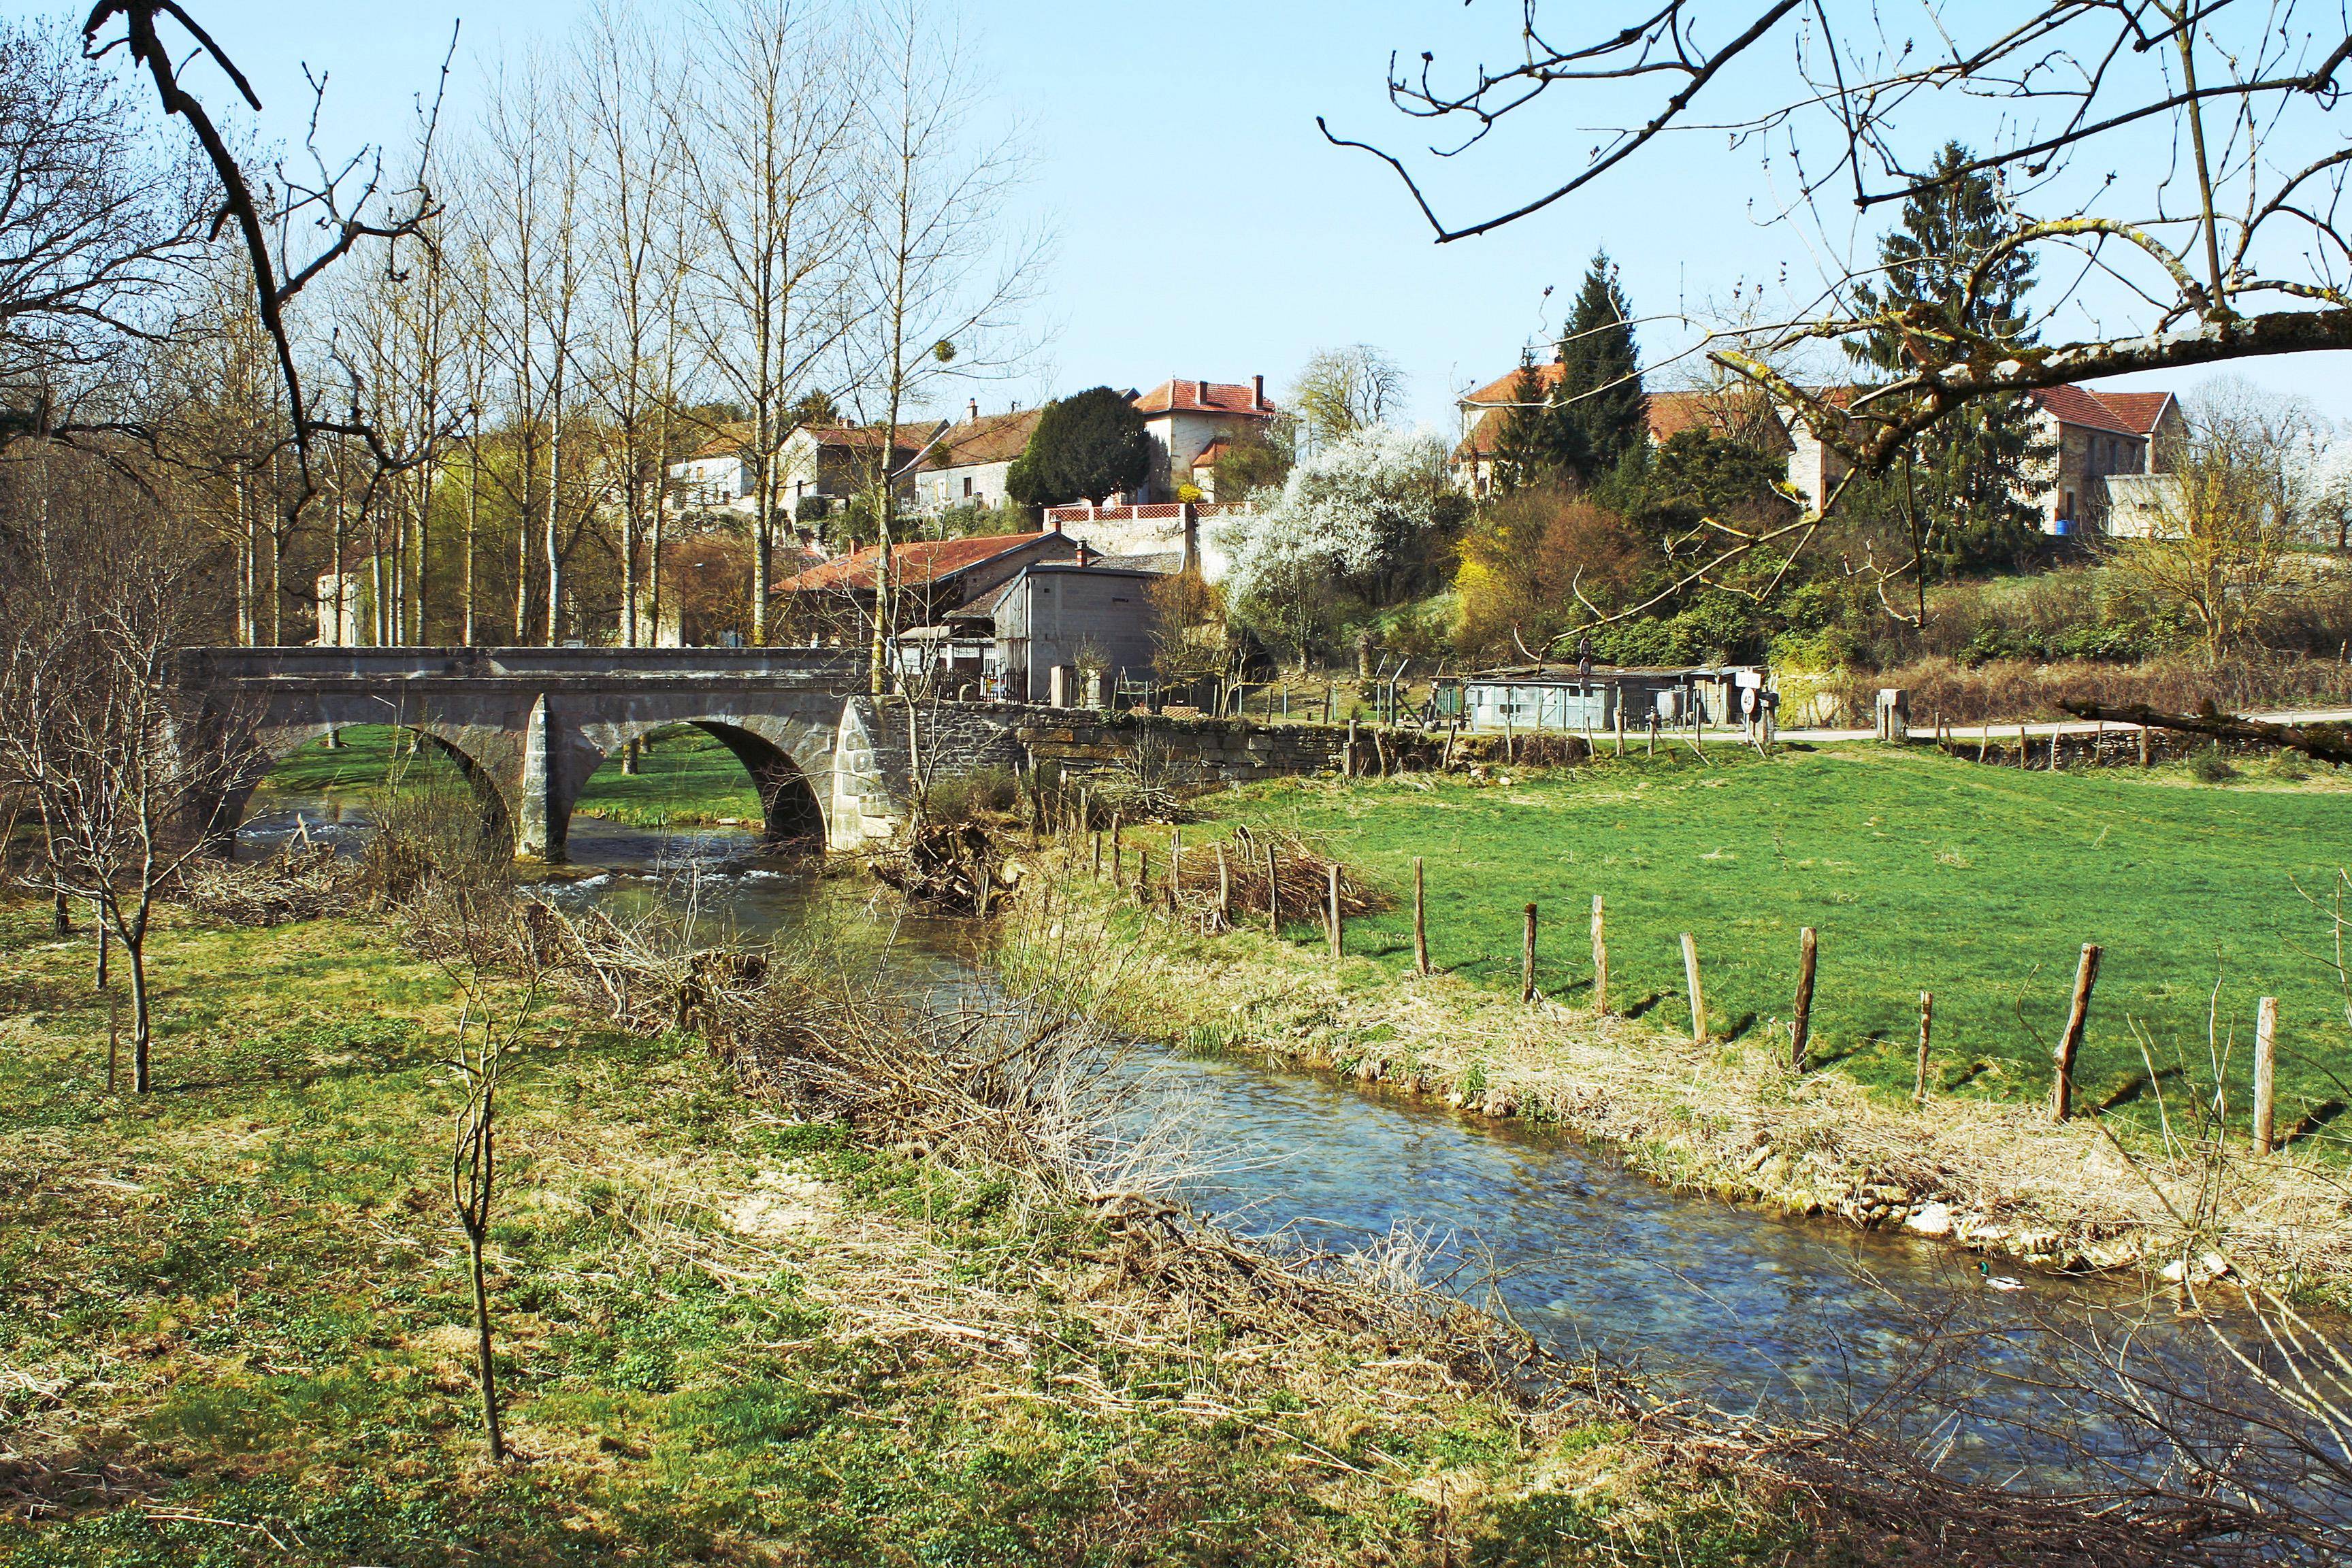 Brémur-et-Vaurois